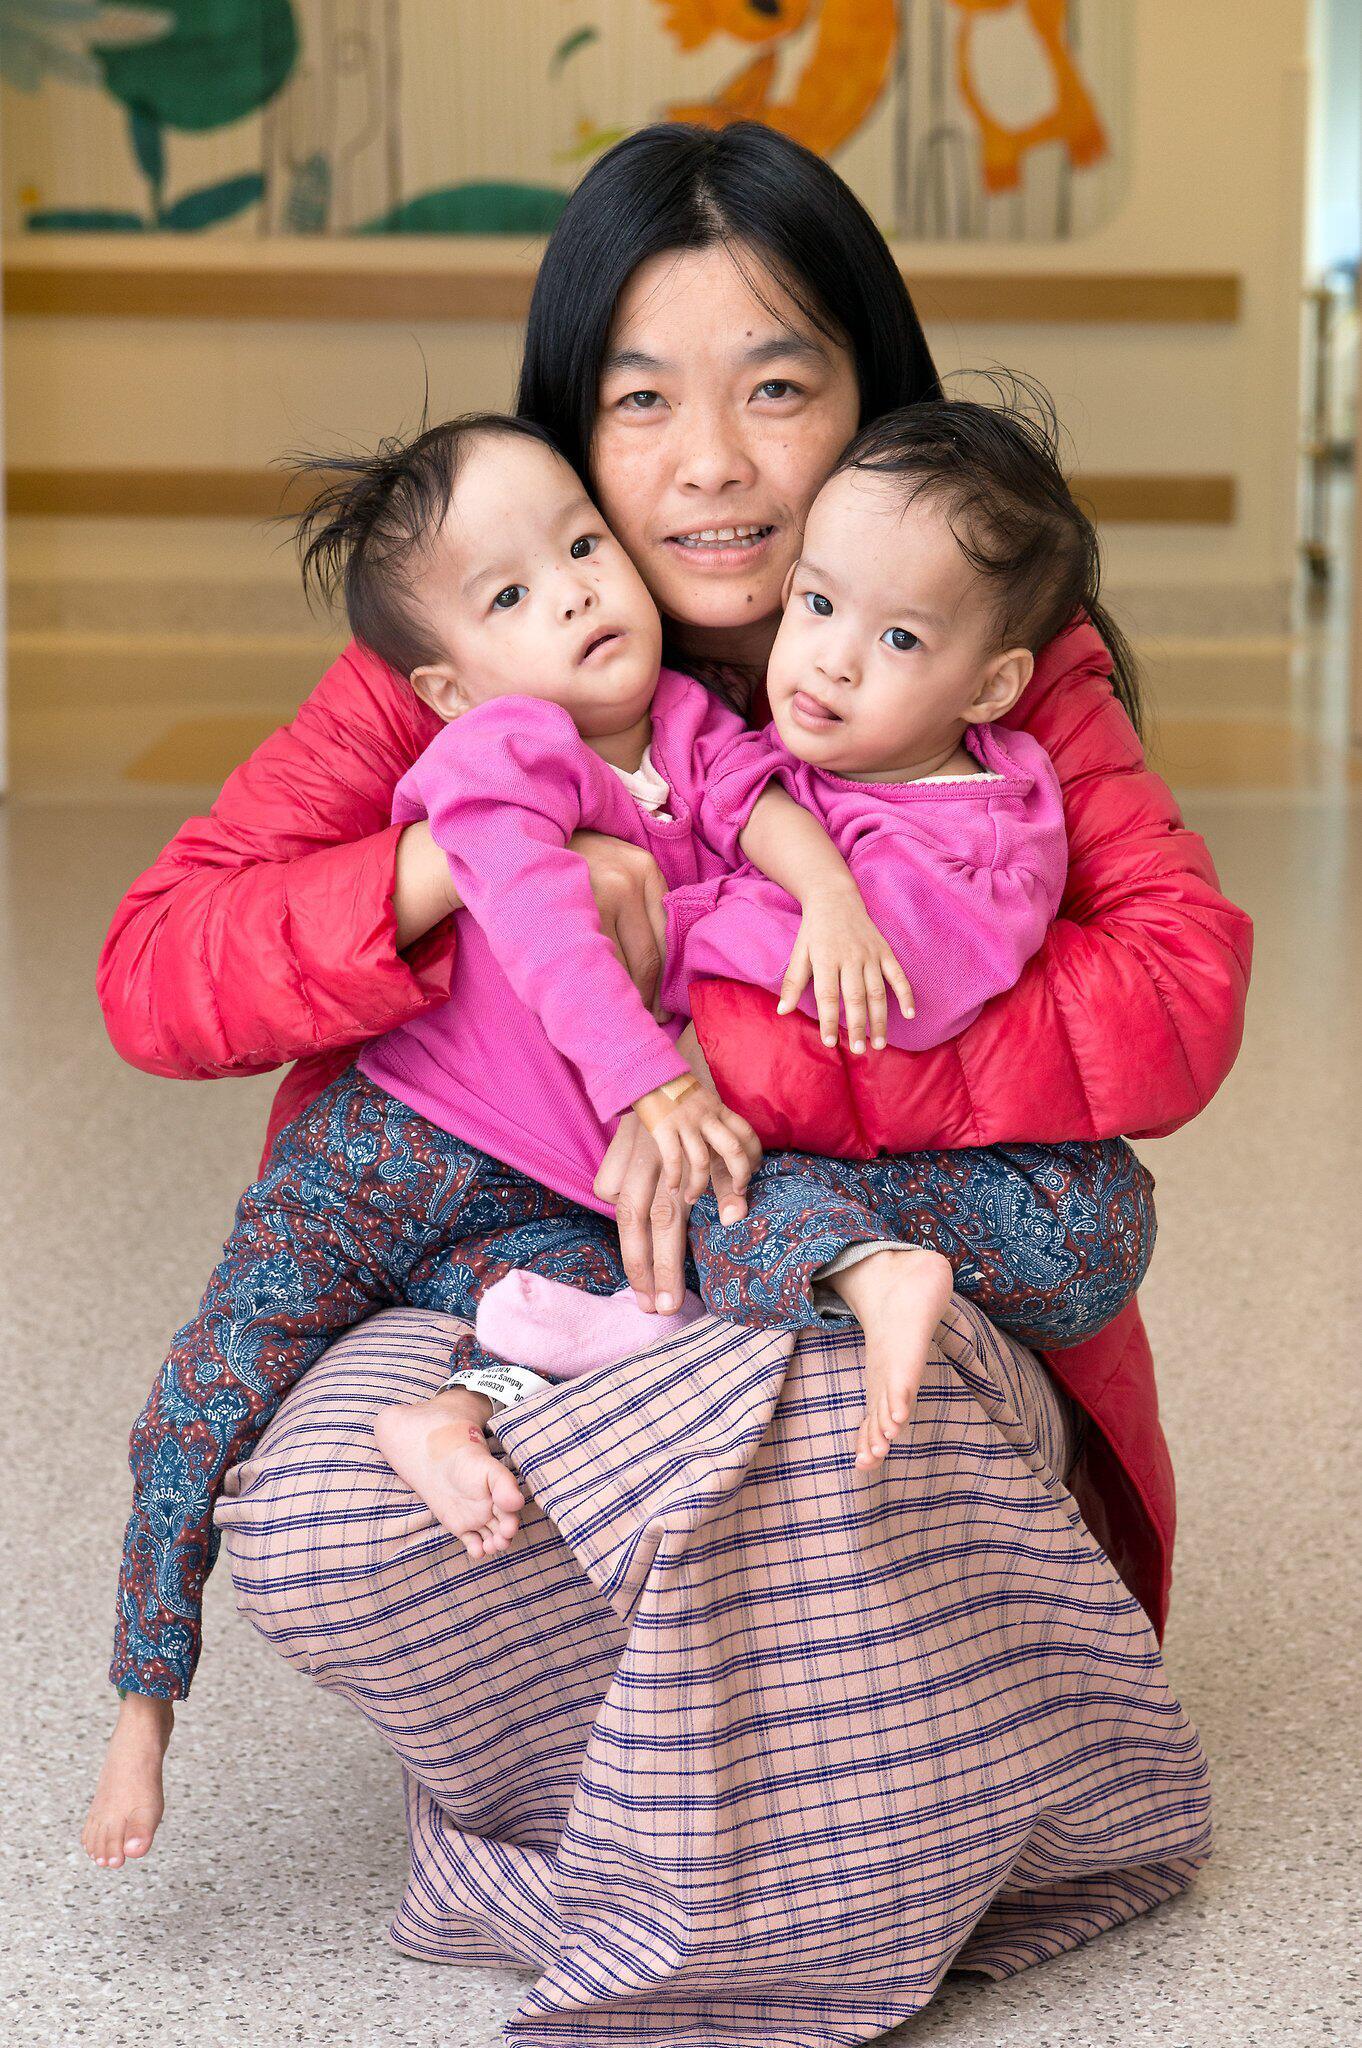 Bild zu Operation soll siamesische Zwillinge trennen